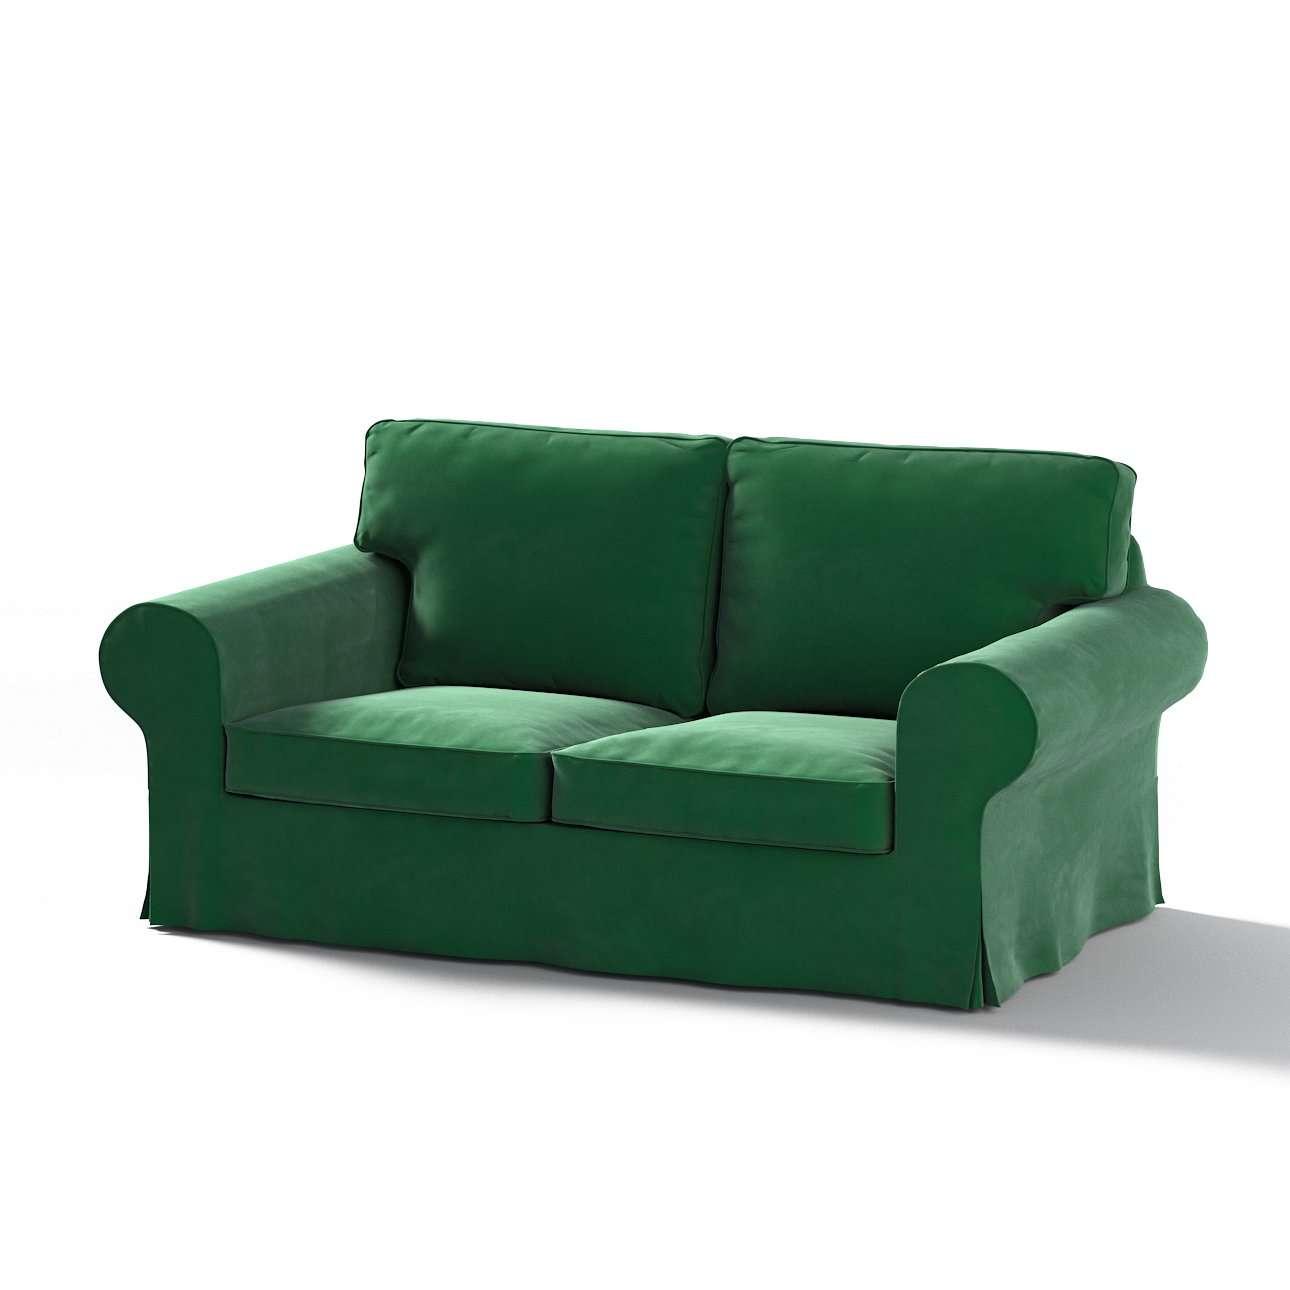 Pokrowiec na sofę Ektorp 2-osobową, nierozkładaną w kolekcji Velvet, tkanina: 704-13